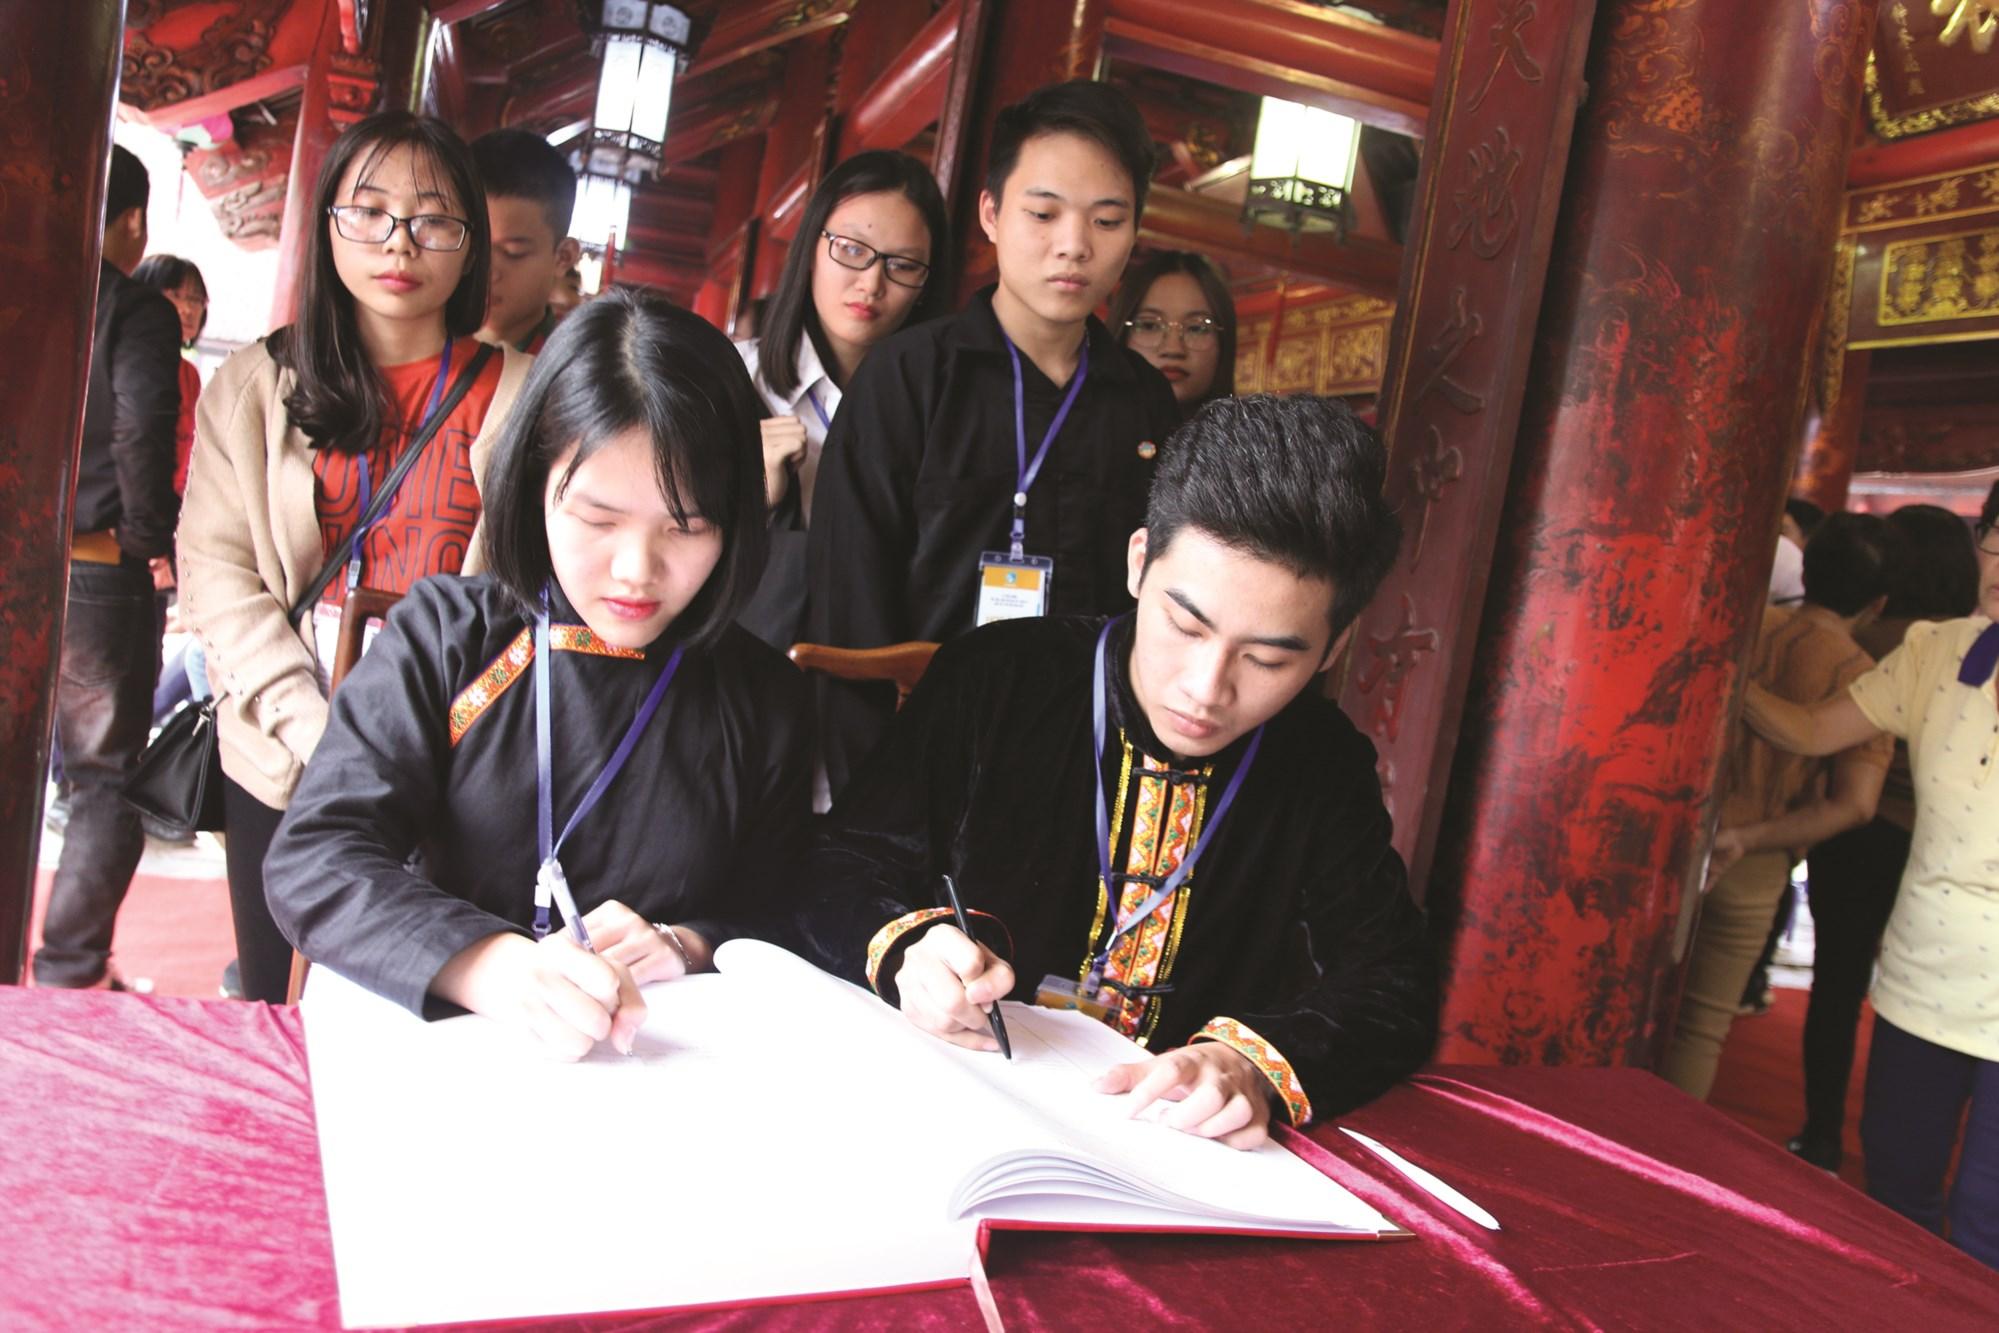 Các em học sinh, sinh viên DTTS xuất sắc, tiêu biểu ghi sổ vàng tại Văn miếu Quốc Tử Giám trong kỳ Tuyên dương năm 2018.